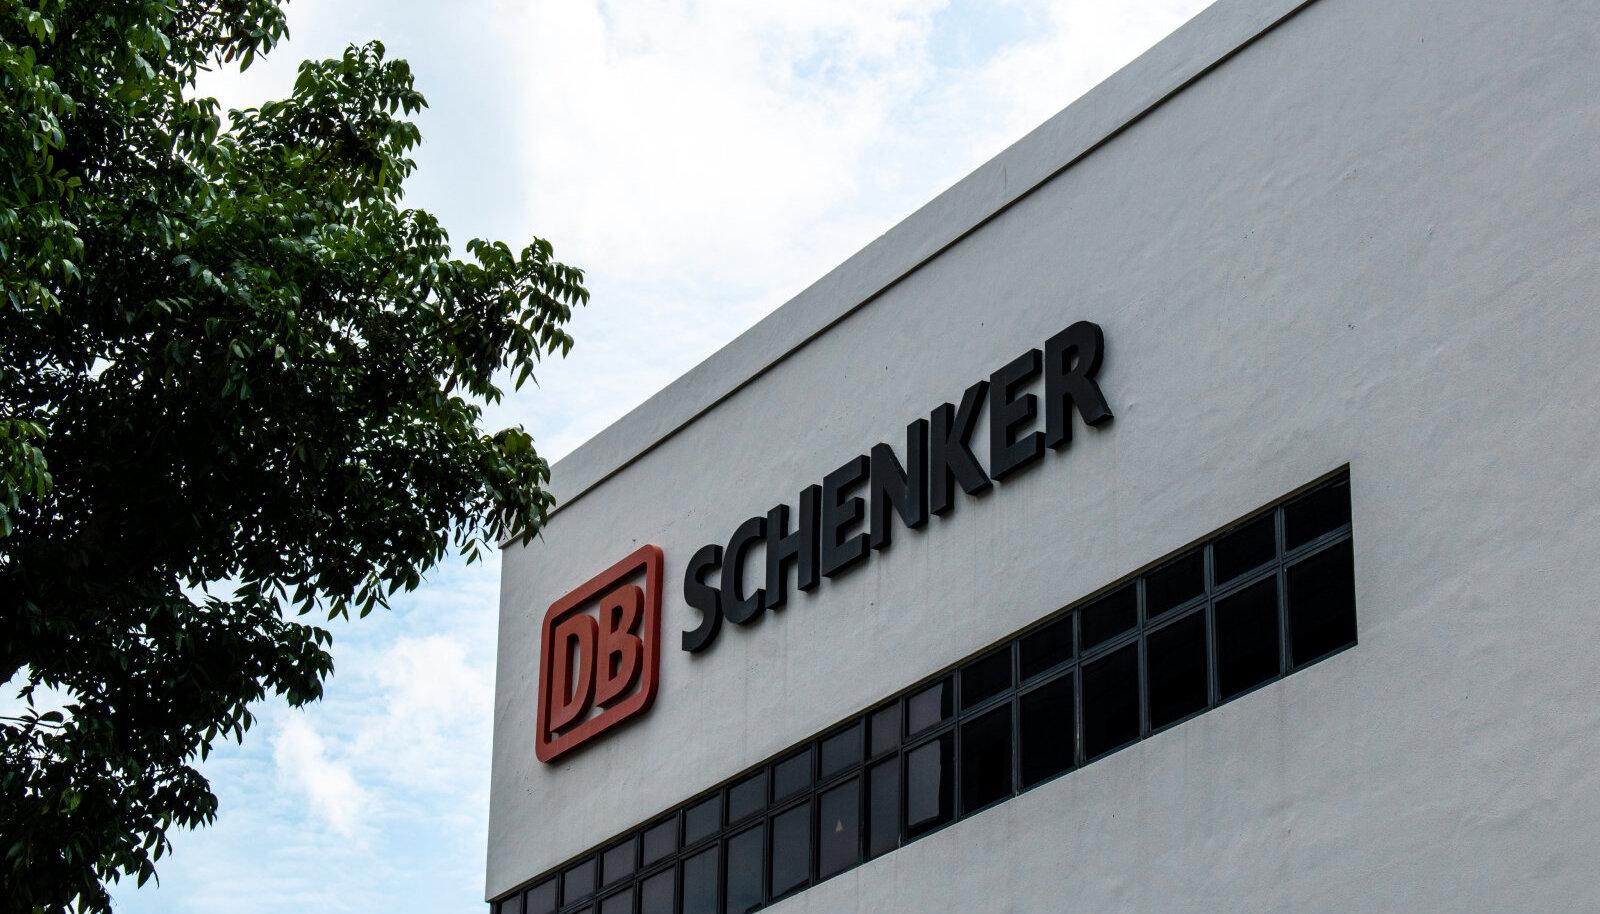 Maailma juhtiv logistikaettevõte DB Schenker